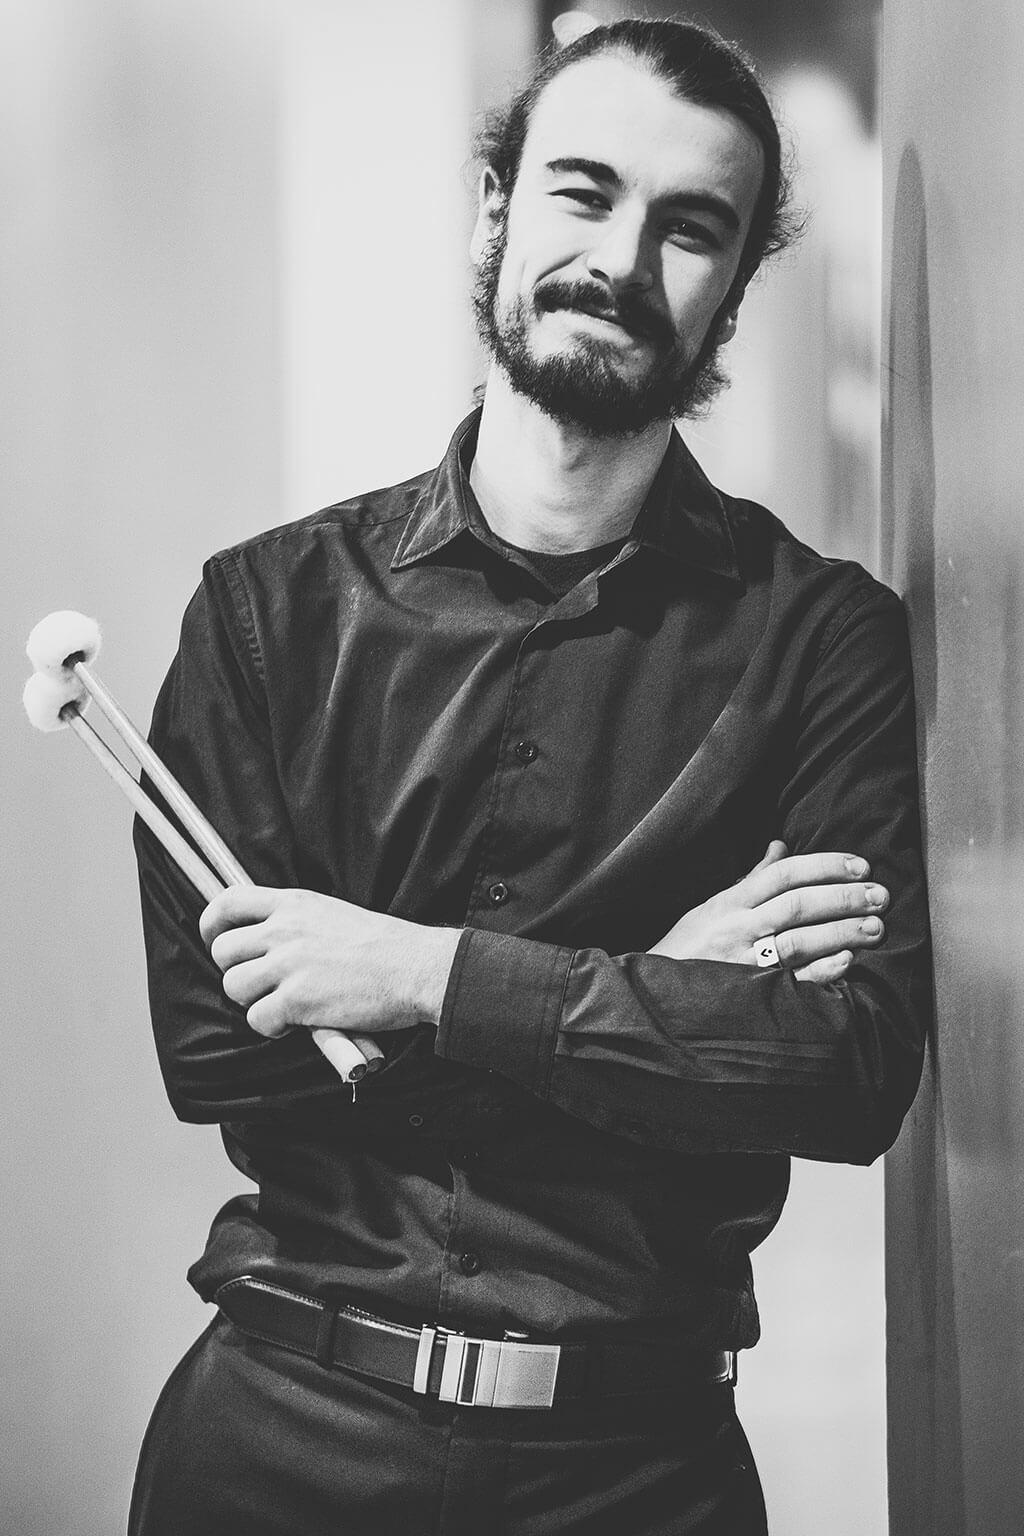 Julien Bélanger réalisera la création d'un Concerto pour marimba de José Evangelista avec l'Orchestre Métropolitain, cette semaine. (Crédit: Annie Éthier)